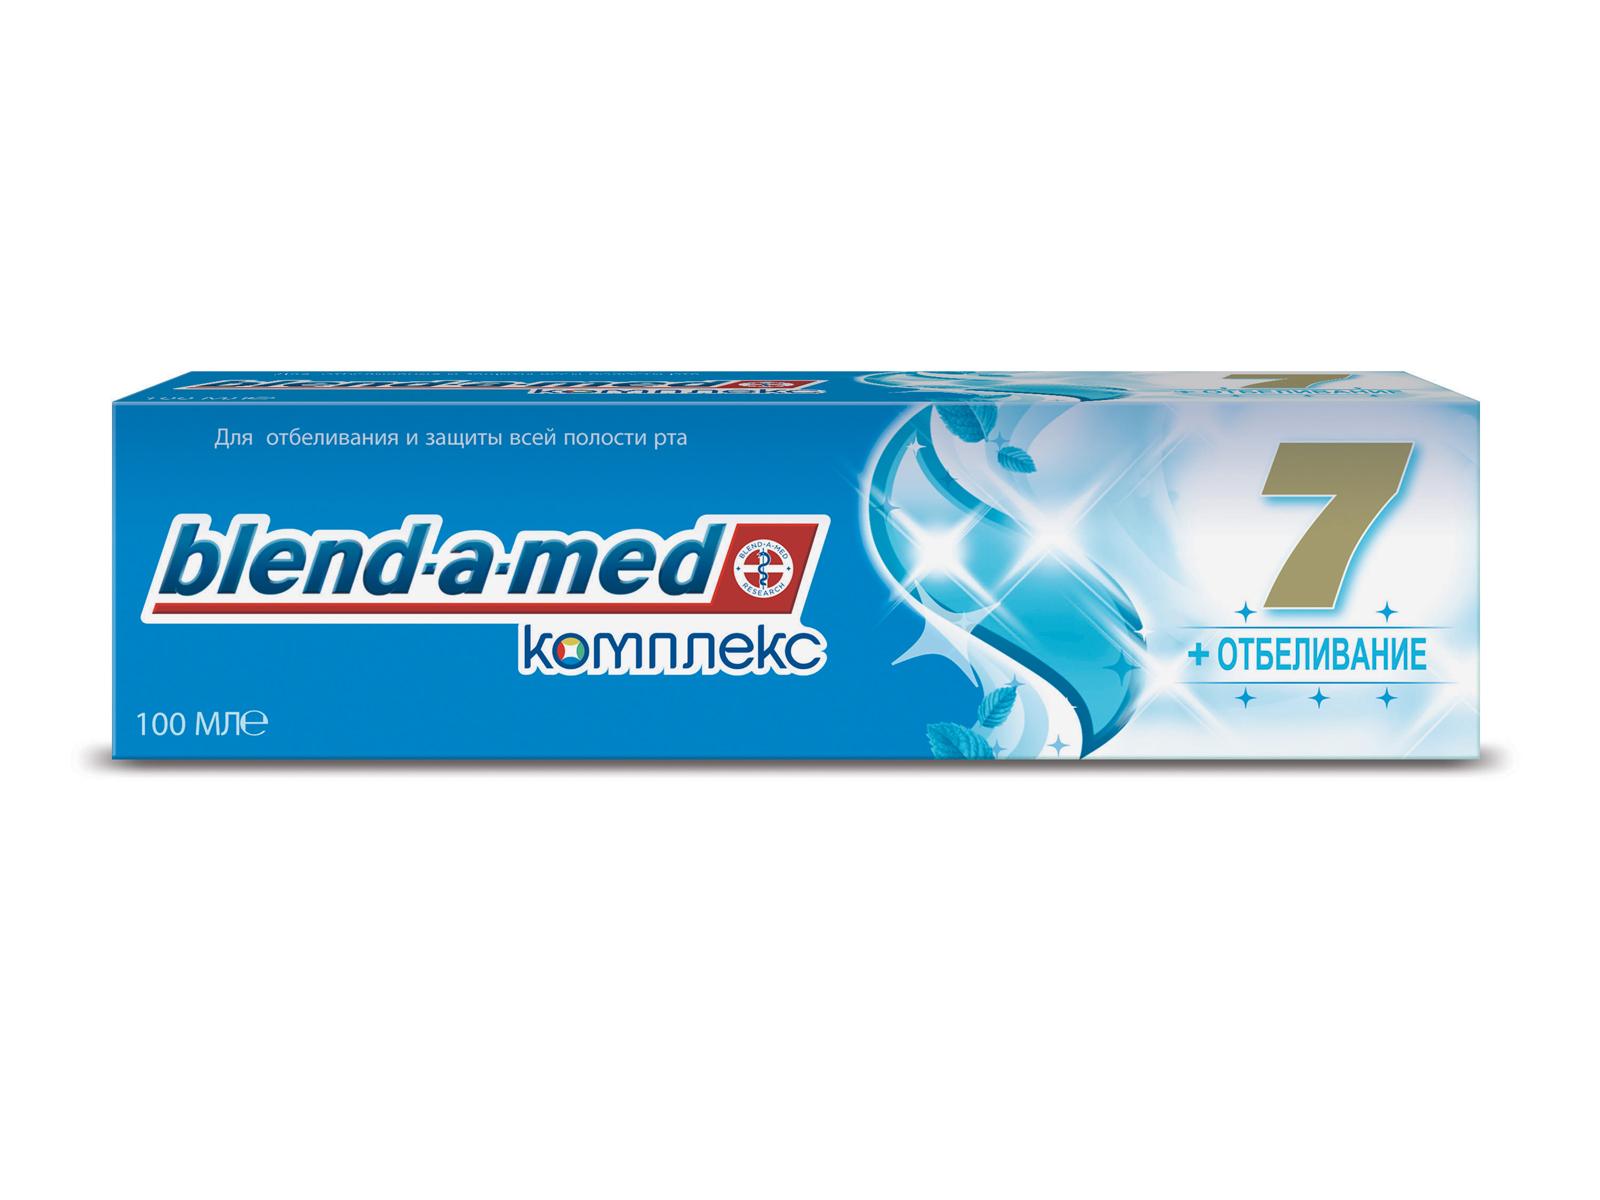 Blend-a-med Зубная паста Комплекс 7 Отбеливание, 100 млBM-81399978Сочетает в себе полную защиту Blend-a-med Комплекс 7 с деликатным отбеливающим эффектом!Blend-a-med Комплекс 7 обеспечивает защиту полости рта по 7 признакам:- Бактериальный налет.- Кариес зубов.- Проблемы дёсен.- Кариес корня.- Зубной камень.- Тёмный налёт.- Несвежее дыхание.Вместе с этим, Blend-a-med Комплекс 7 + Oтбеливание помогает восстановить натуральную белизну зубов. Blend-a-med Комплекс 7 обеспечивает защиту полости рта по 7 признакам:- Обеспечивает качественный уход за здоровьем полости рта.- Комплексная защита всё полости рта.- Помогает восстановить натуральную белизну зубов .- Комплекс 7 обеспечивает быструю, простую и легкую защиту всей полости рта, и вы можете наслаждаться жизнью, не беспокоясь о здоровье ваших зубов.Срок хранения – 3 года.«Проктер энд Гэмбл», Германия.